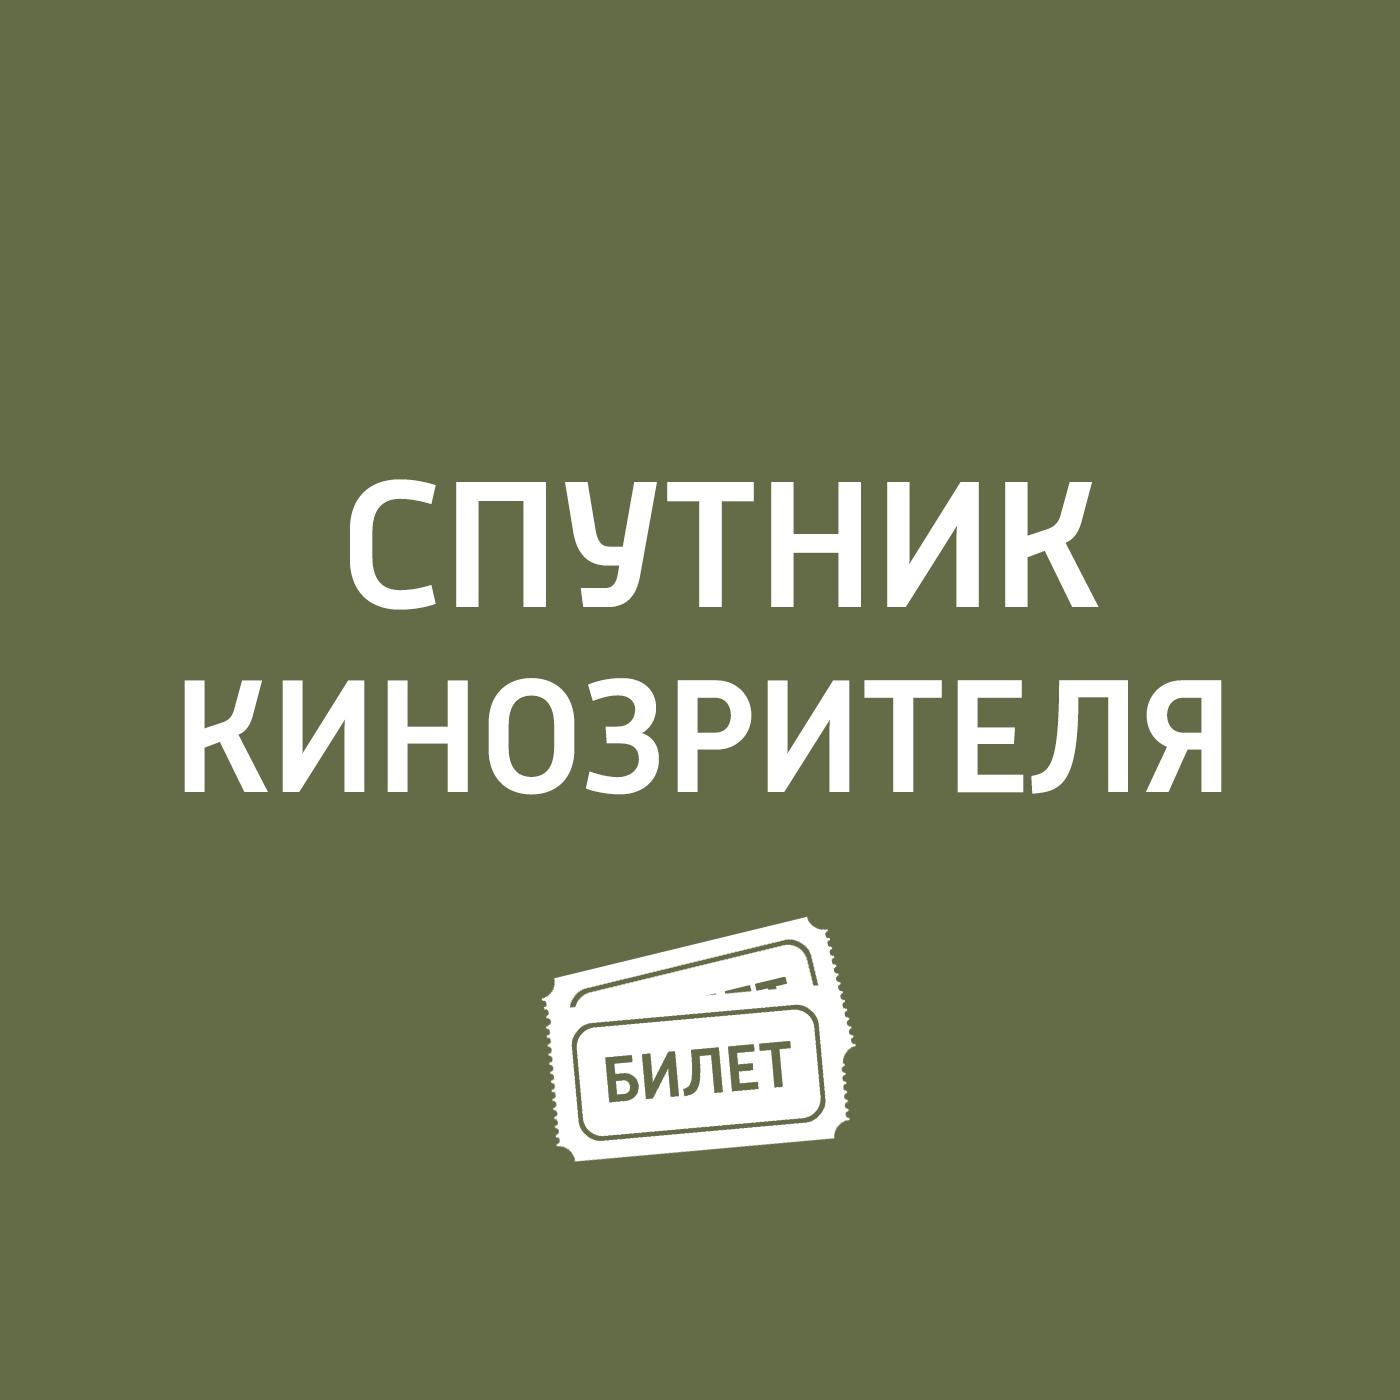 Антон Долин Премьеры. «Призрачная красота